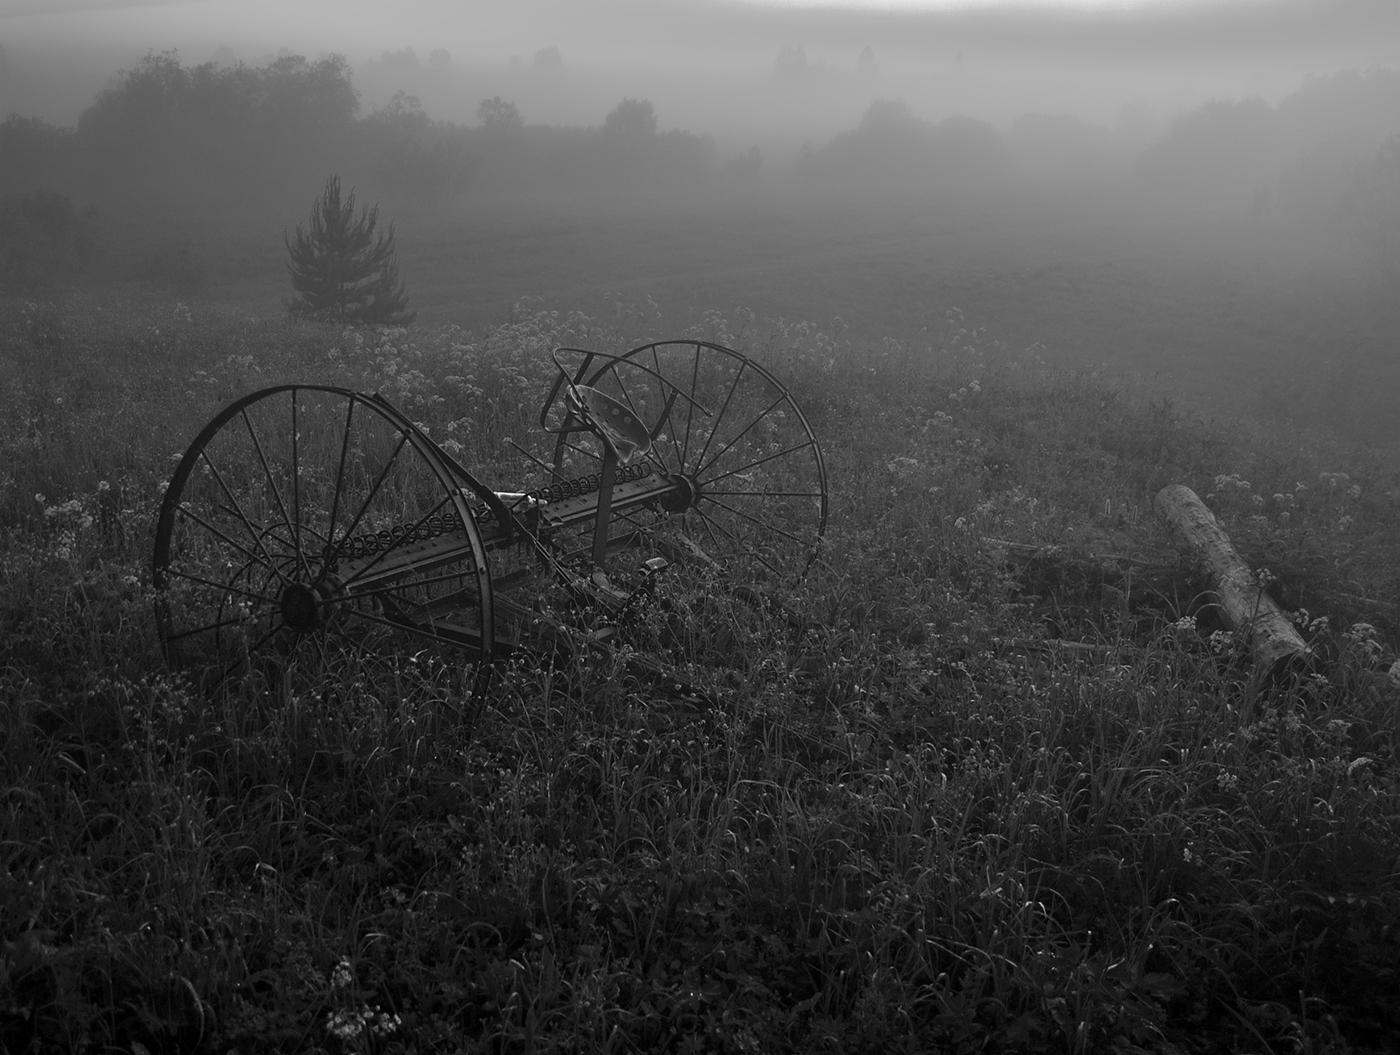 Деревня. Раннее утро. Туман.